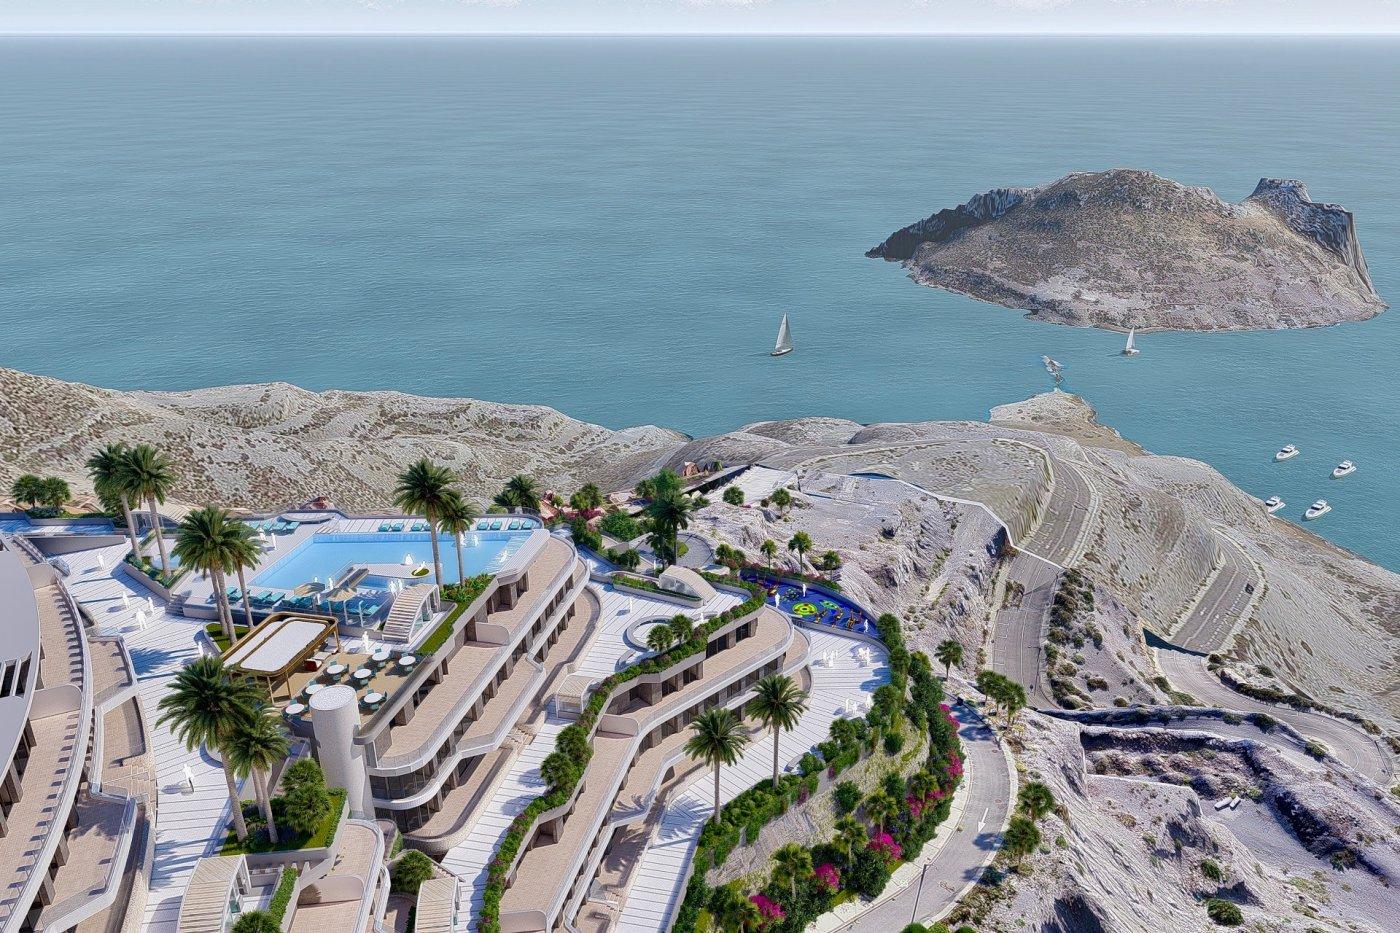 Galleribillede 11 of Exceptionel 2 etagers 4 vær luksus lejlighed, panorama udsigt, 58 m2 og 24 m2 solterrasser